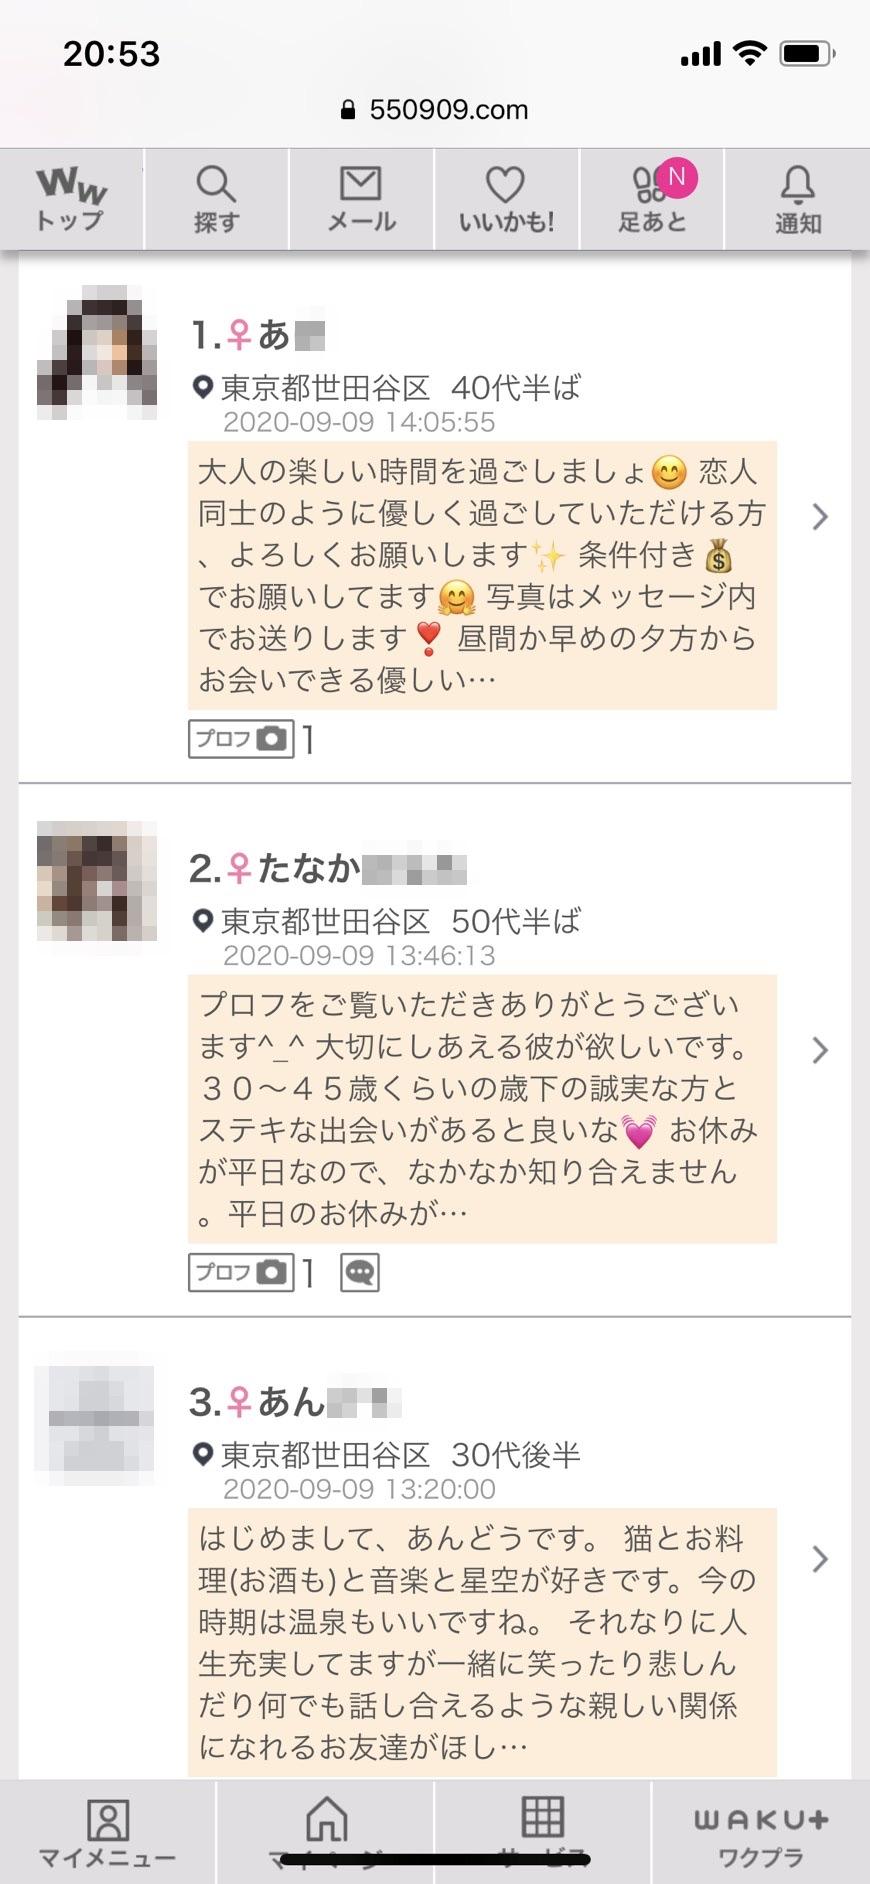 下北沢・割り切り出会い掲示板(ワクワクメール)